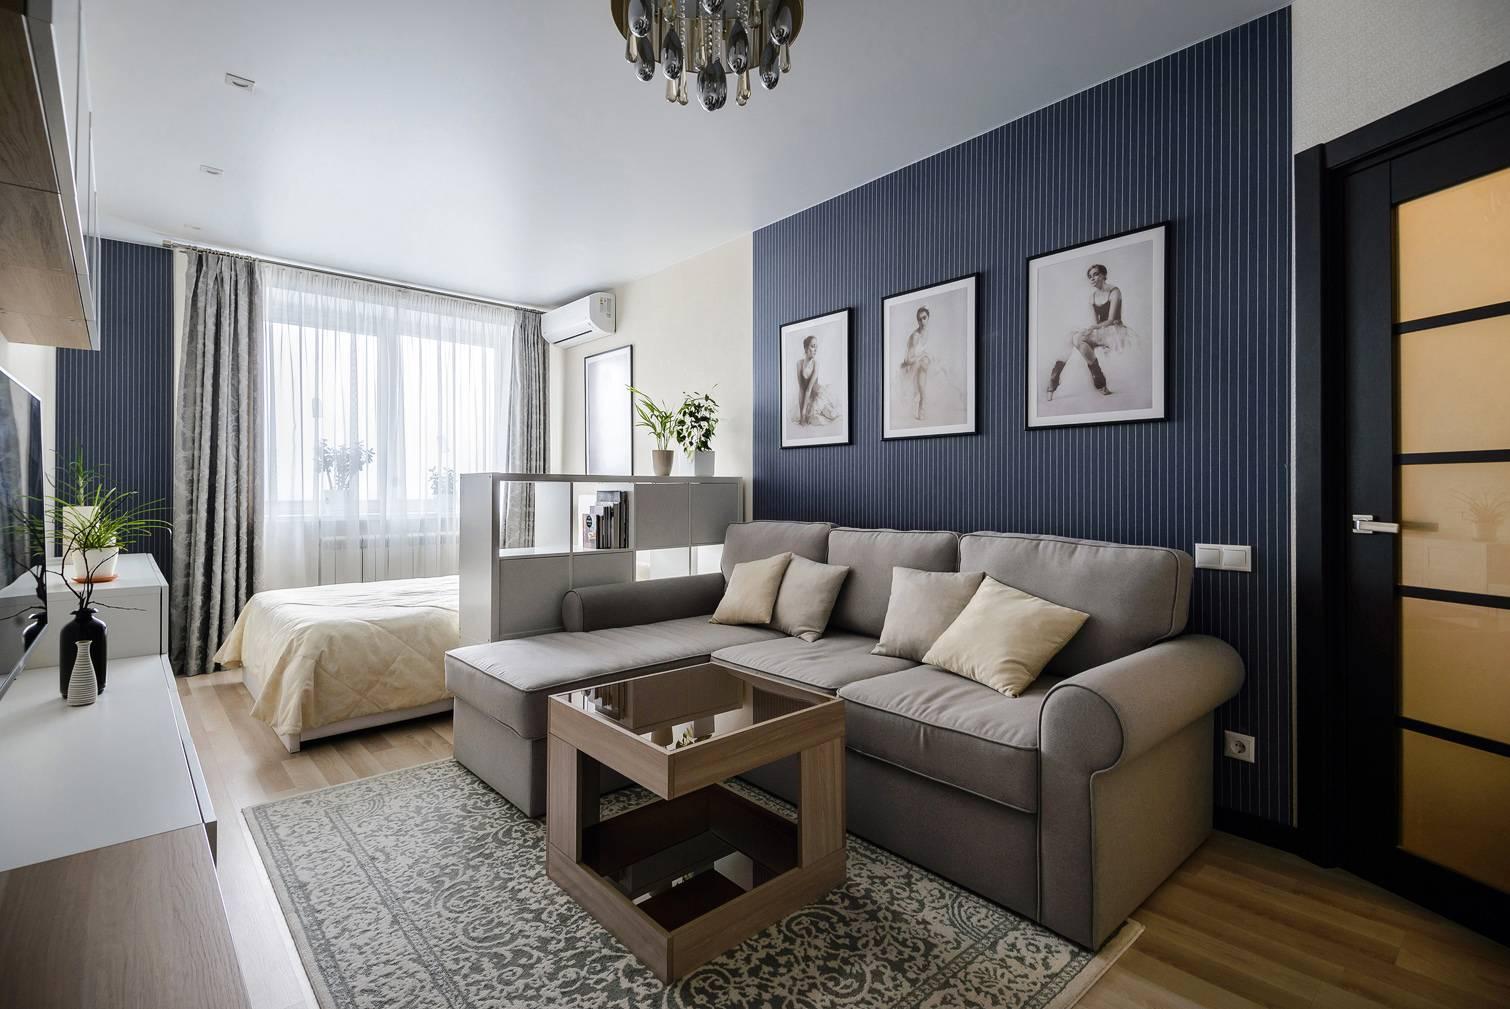 Интересные варианты кроватей в интерьере гостиных комнат